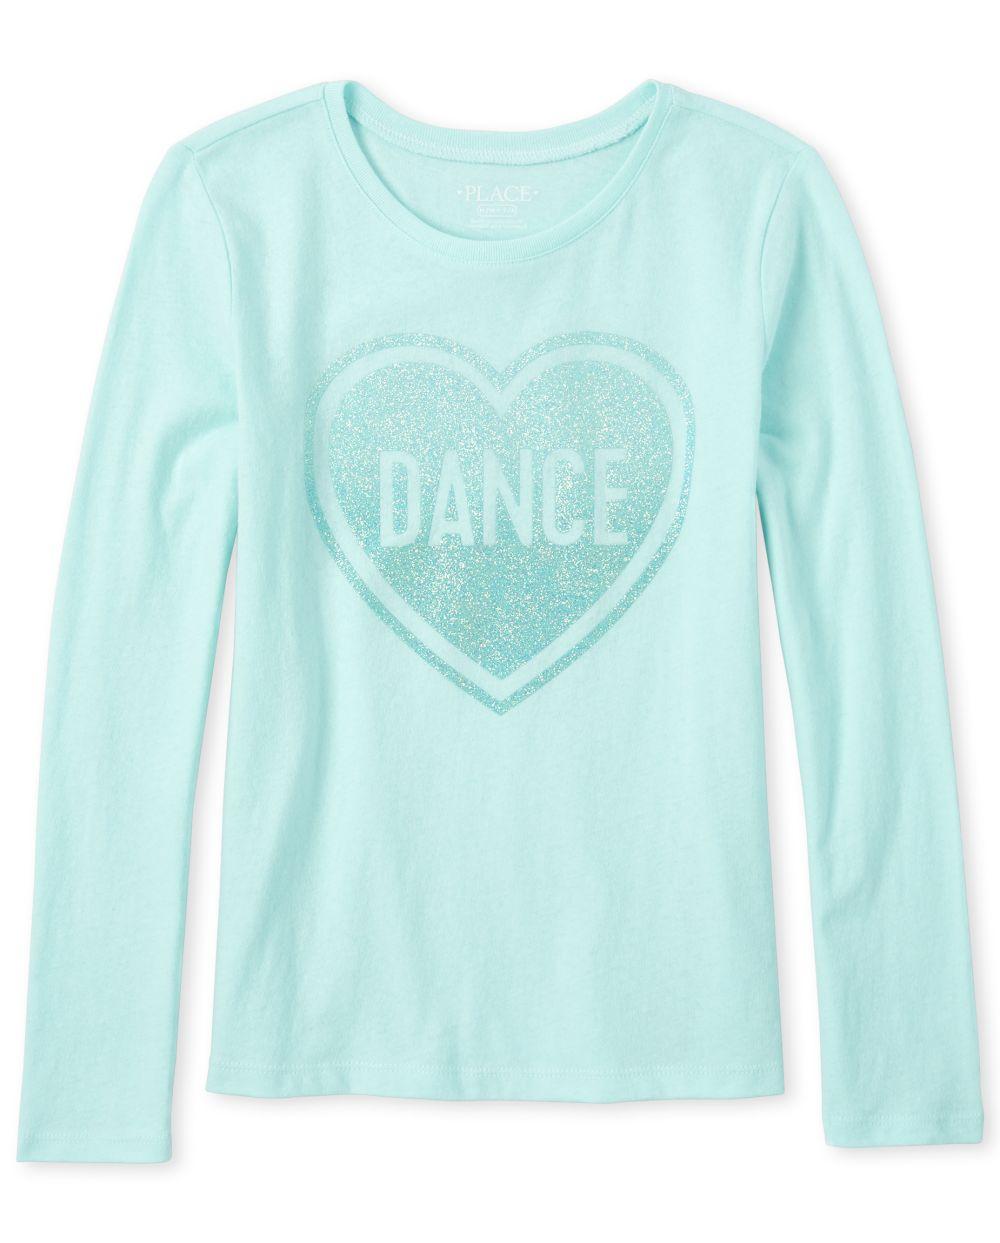 Girls Glitter Dance Graphic Tee